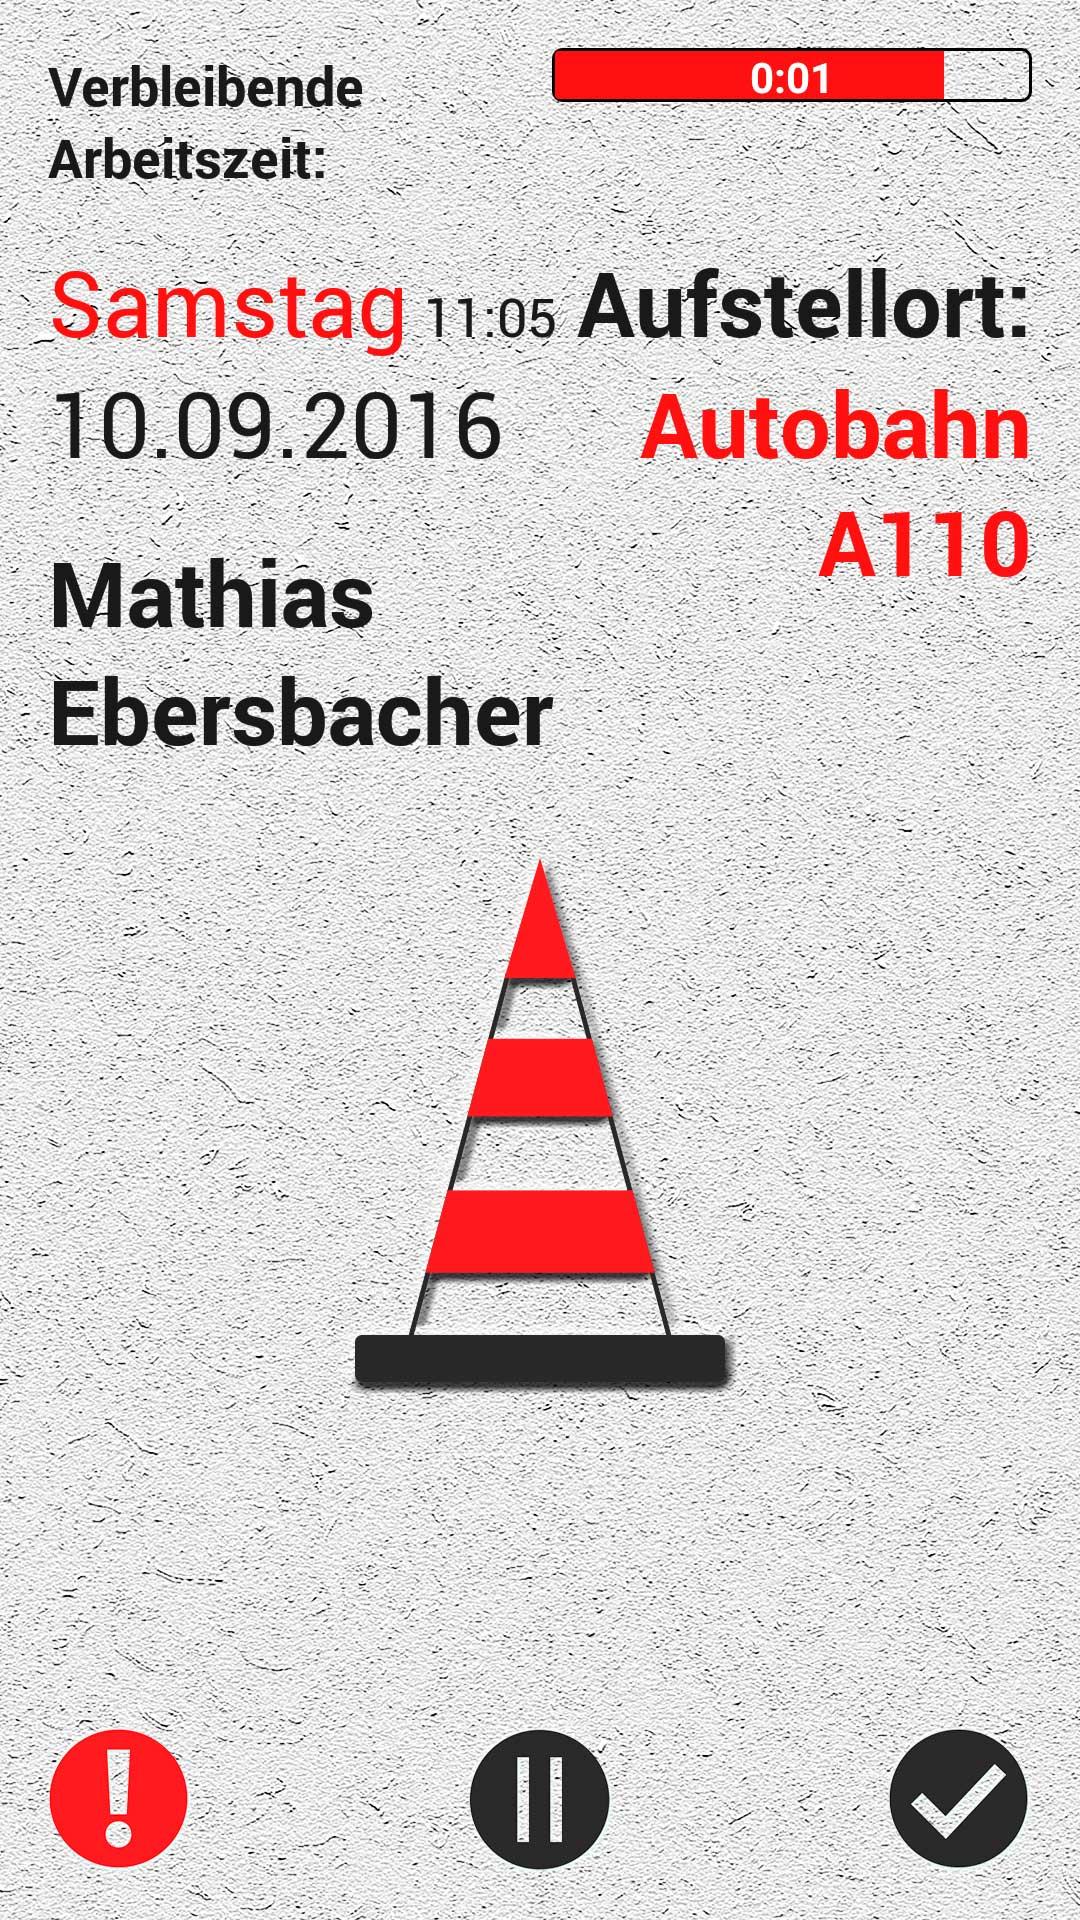 ginstr_app_trafficSafetyManagerPlus_DE_5